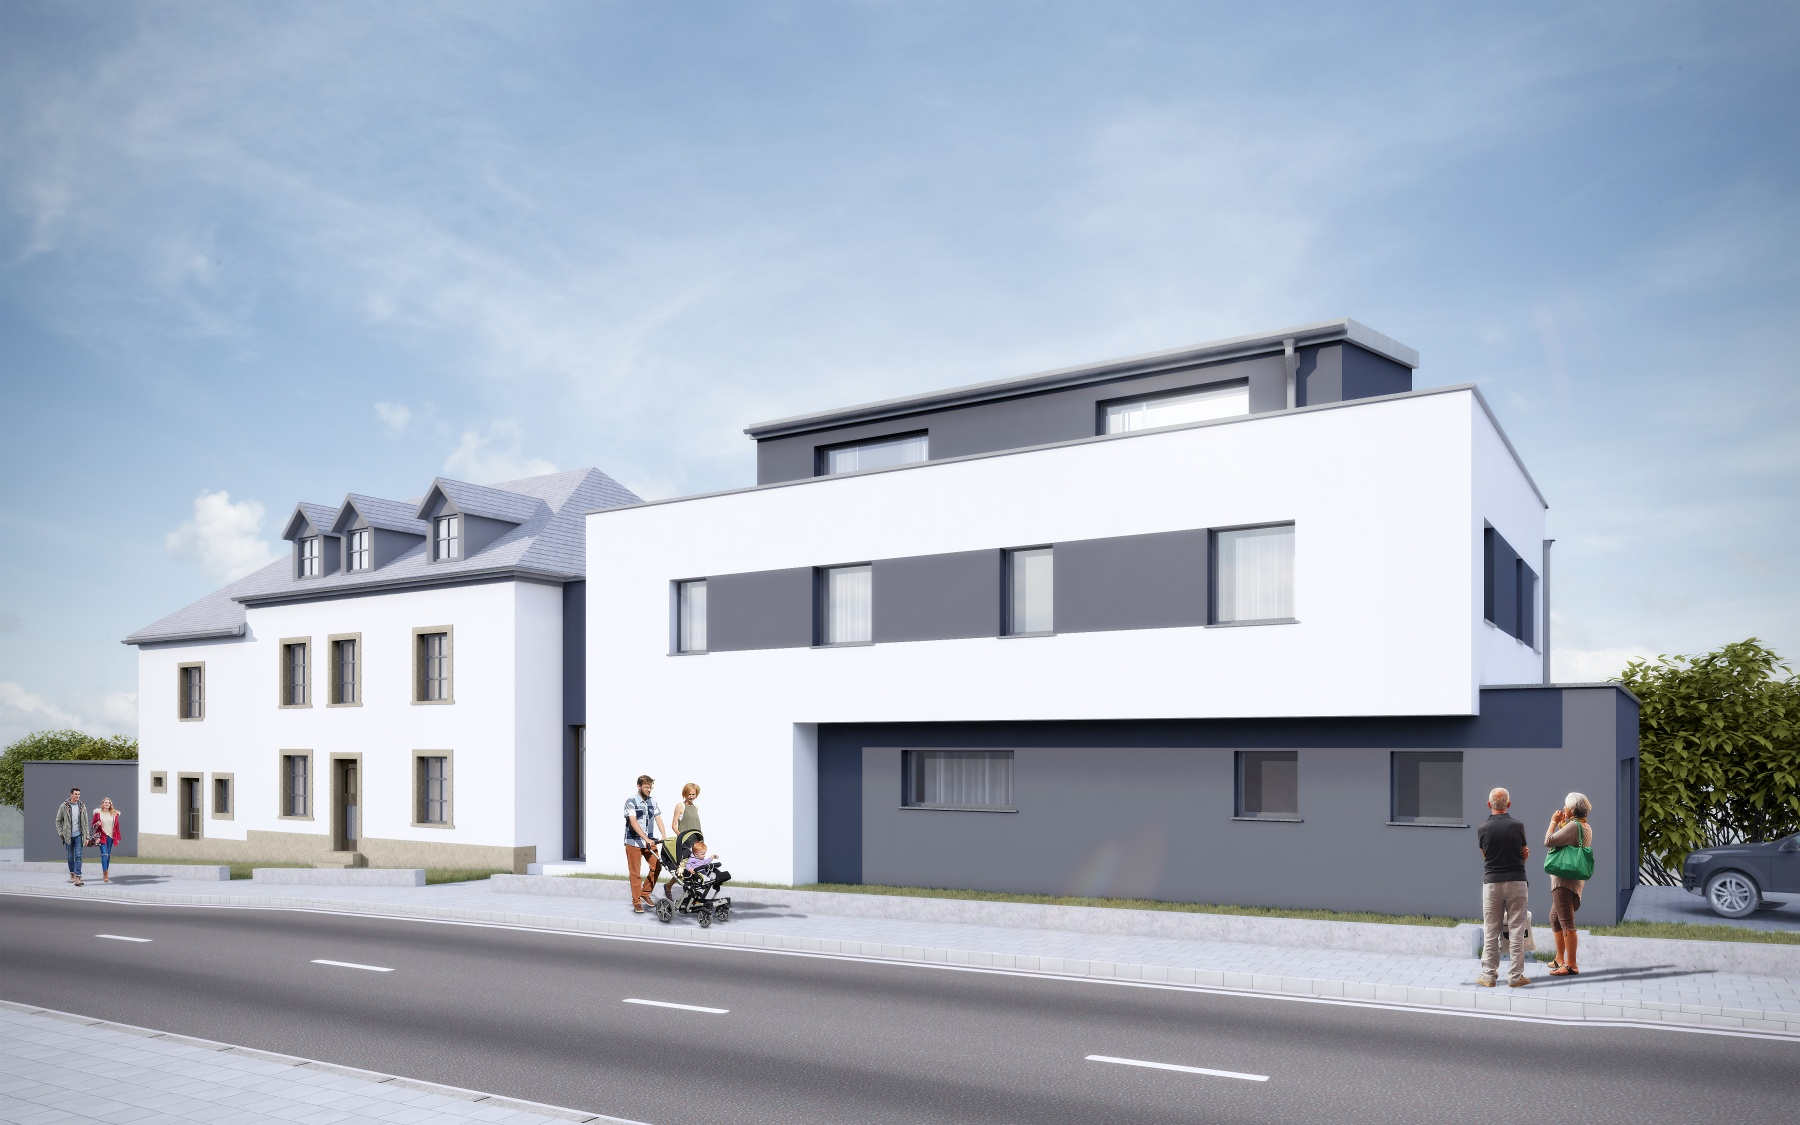 New duplex in Fennange